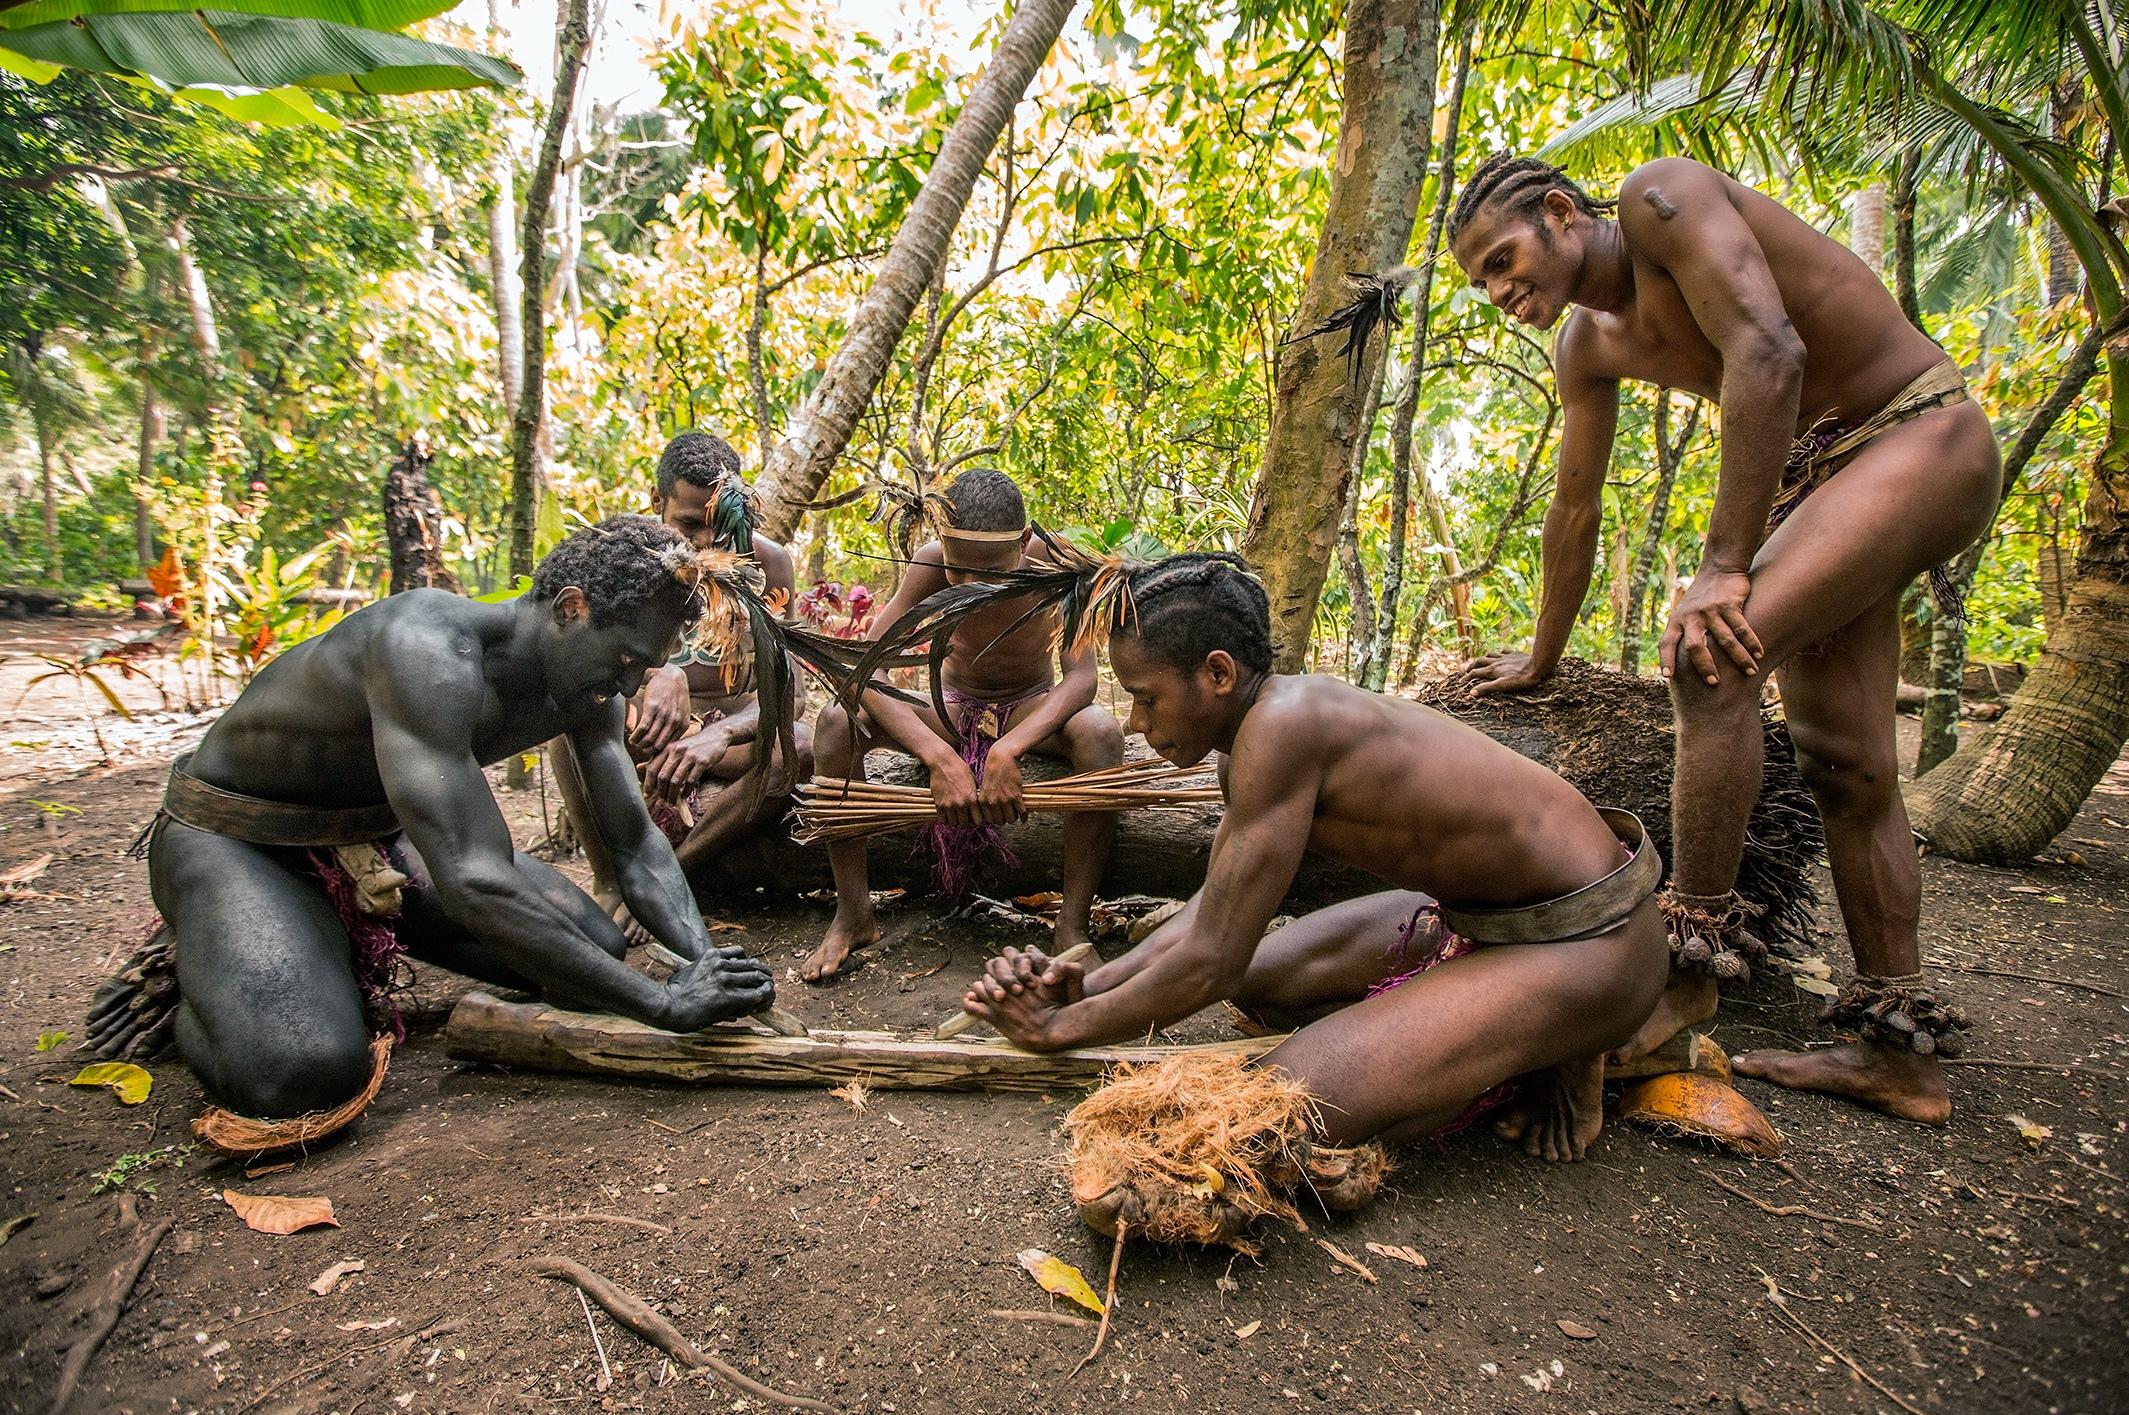 можете на фотографии австралийские аборигены добывают огонь женщина